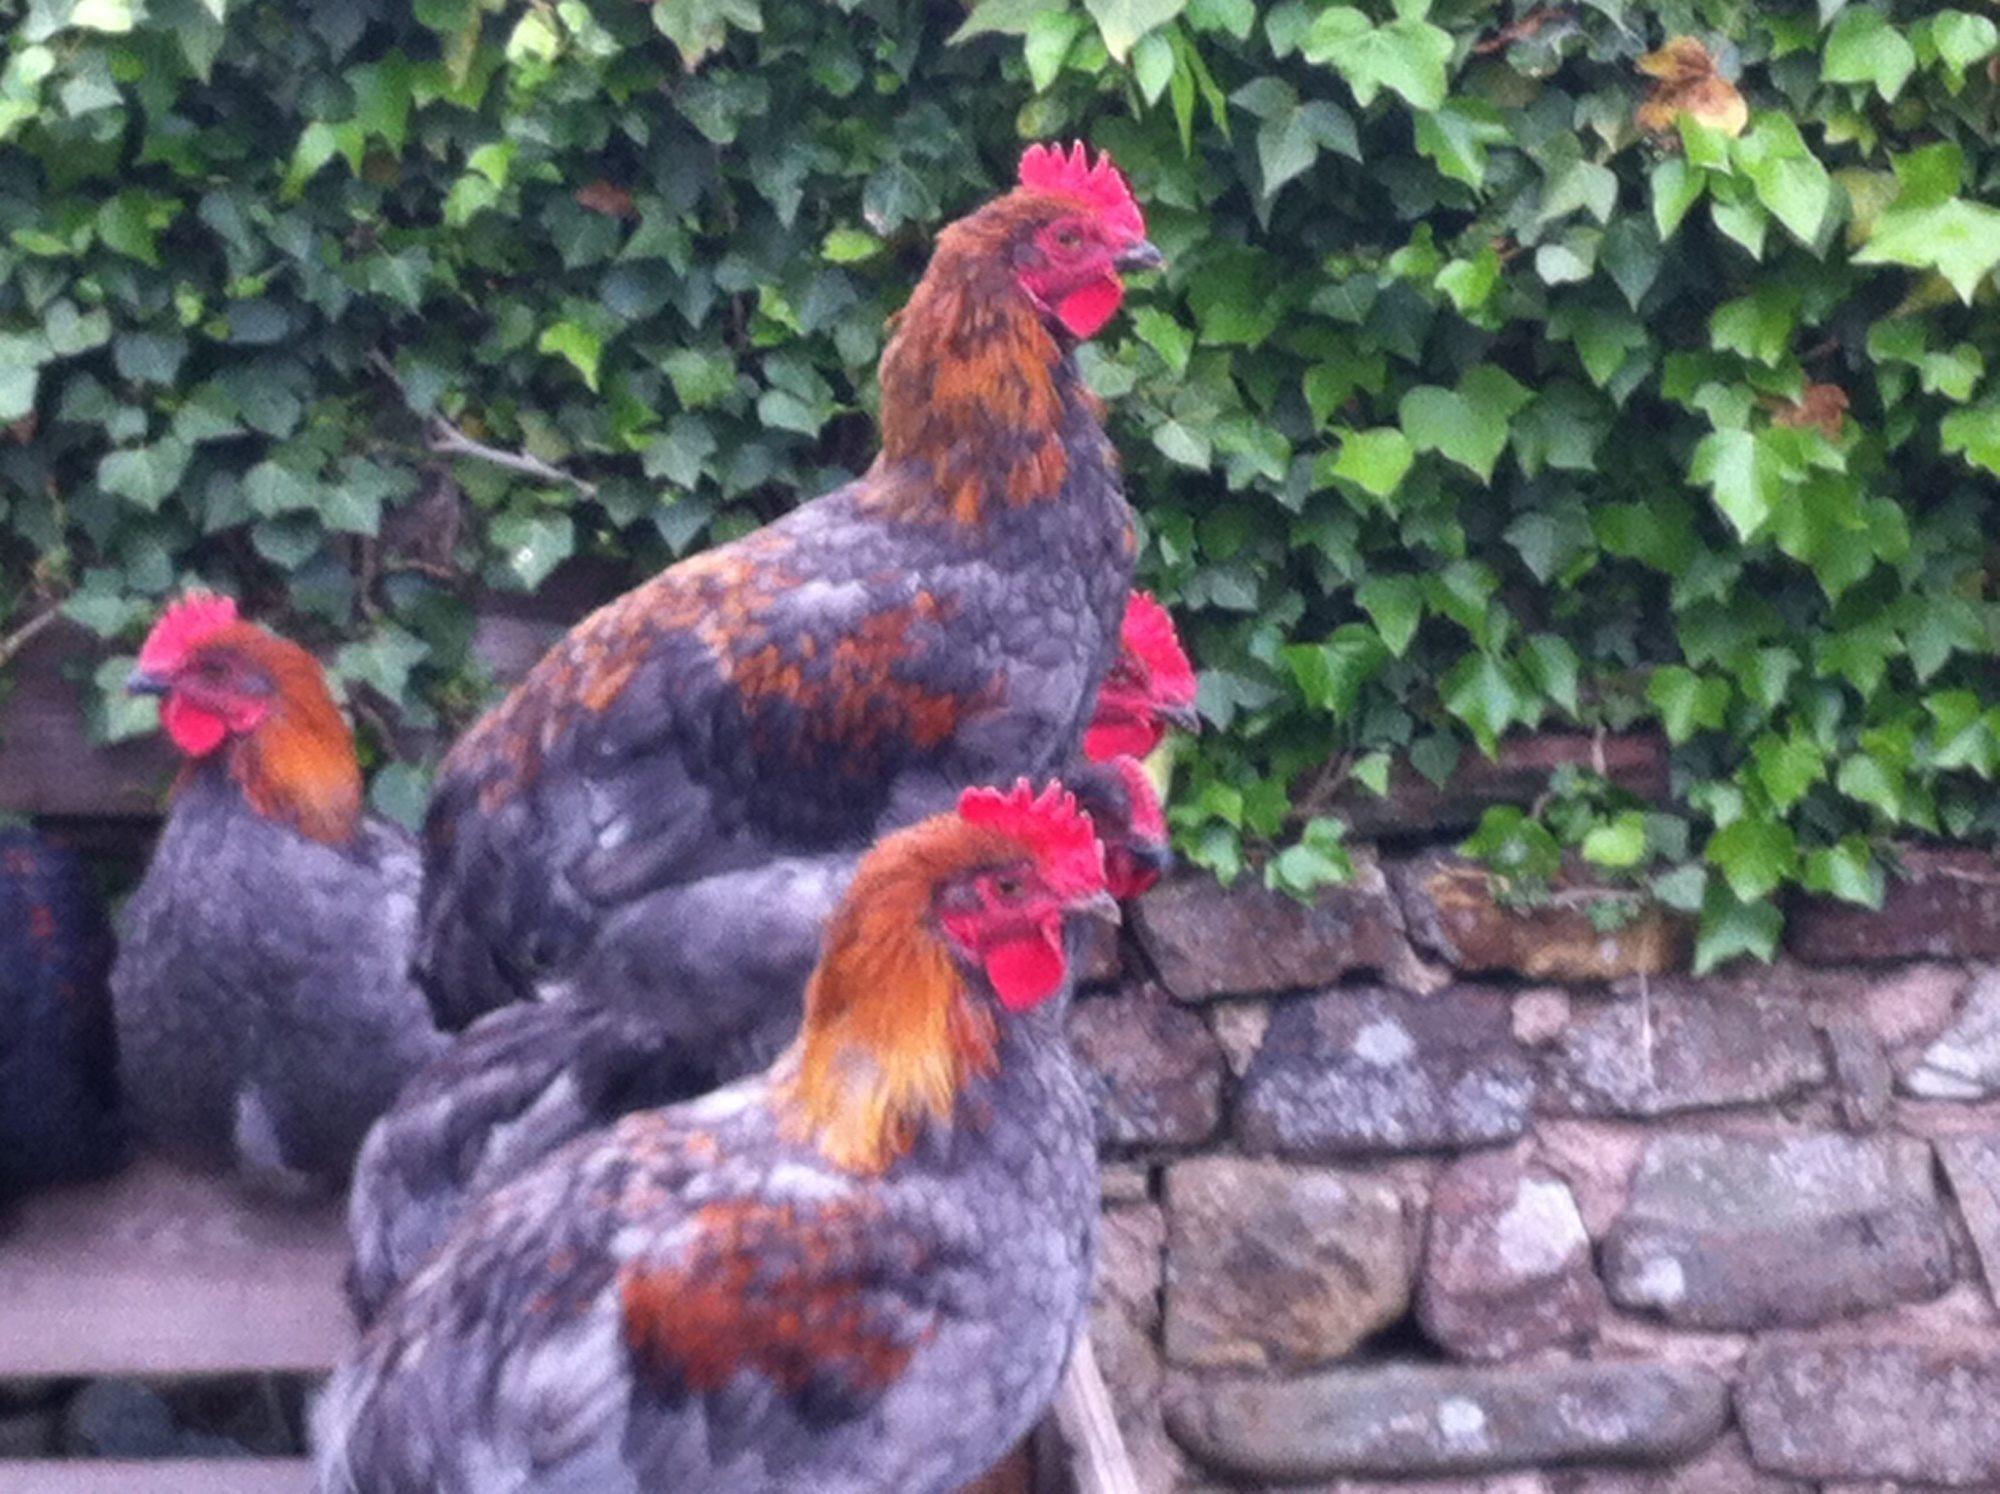 free french copper blue marans cockerels 5x cumbria uk